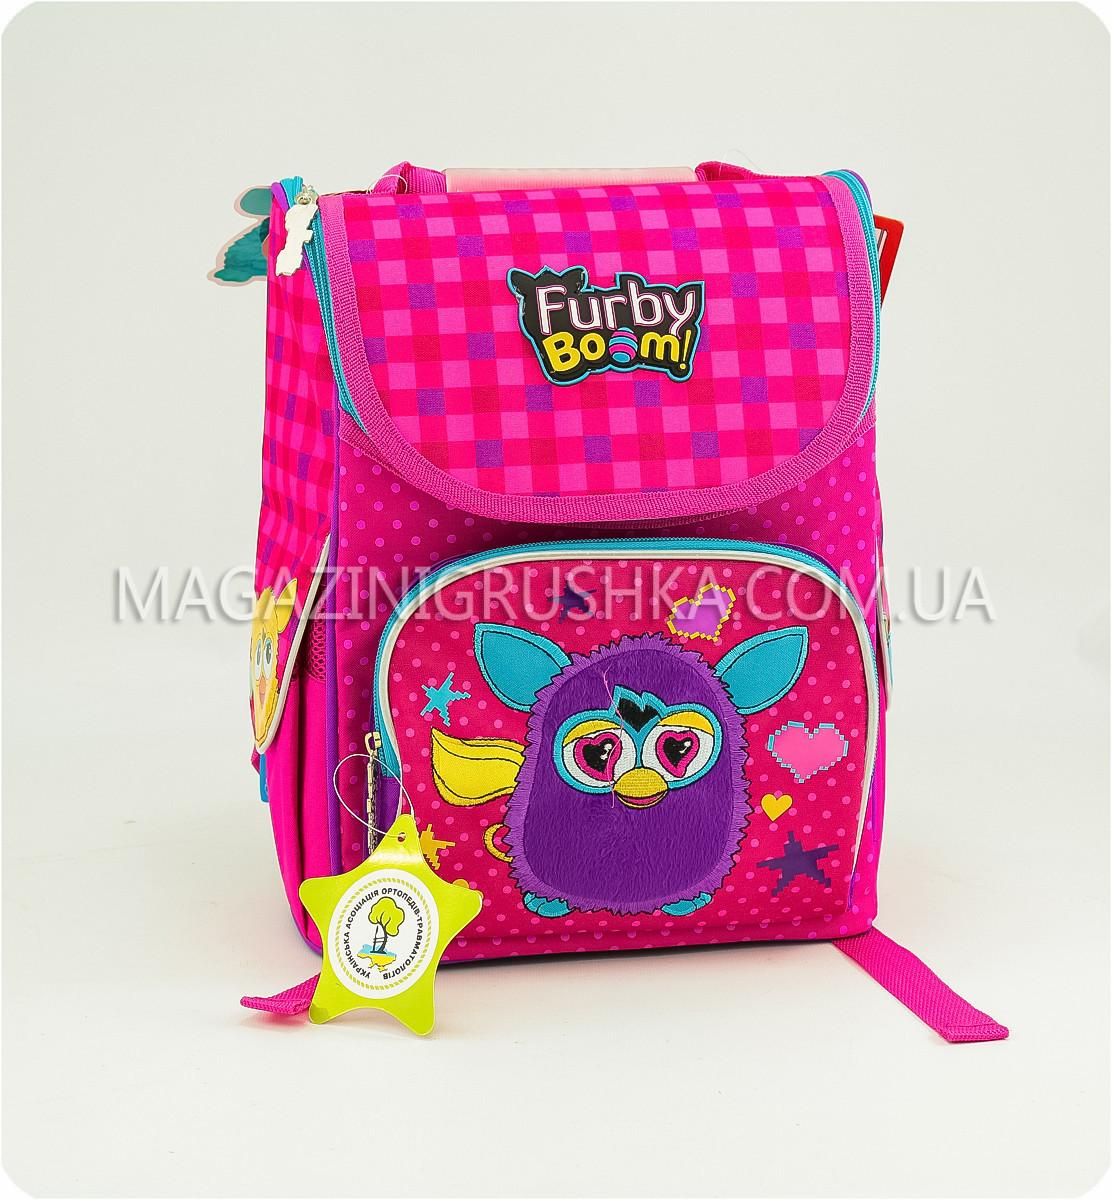 Рюкзак шкільний каркасний Furby boom «1 вересня» 551606